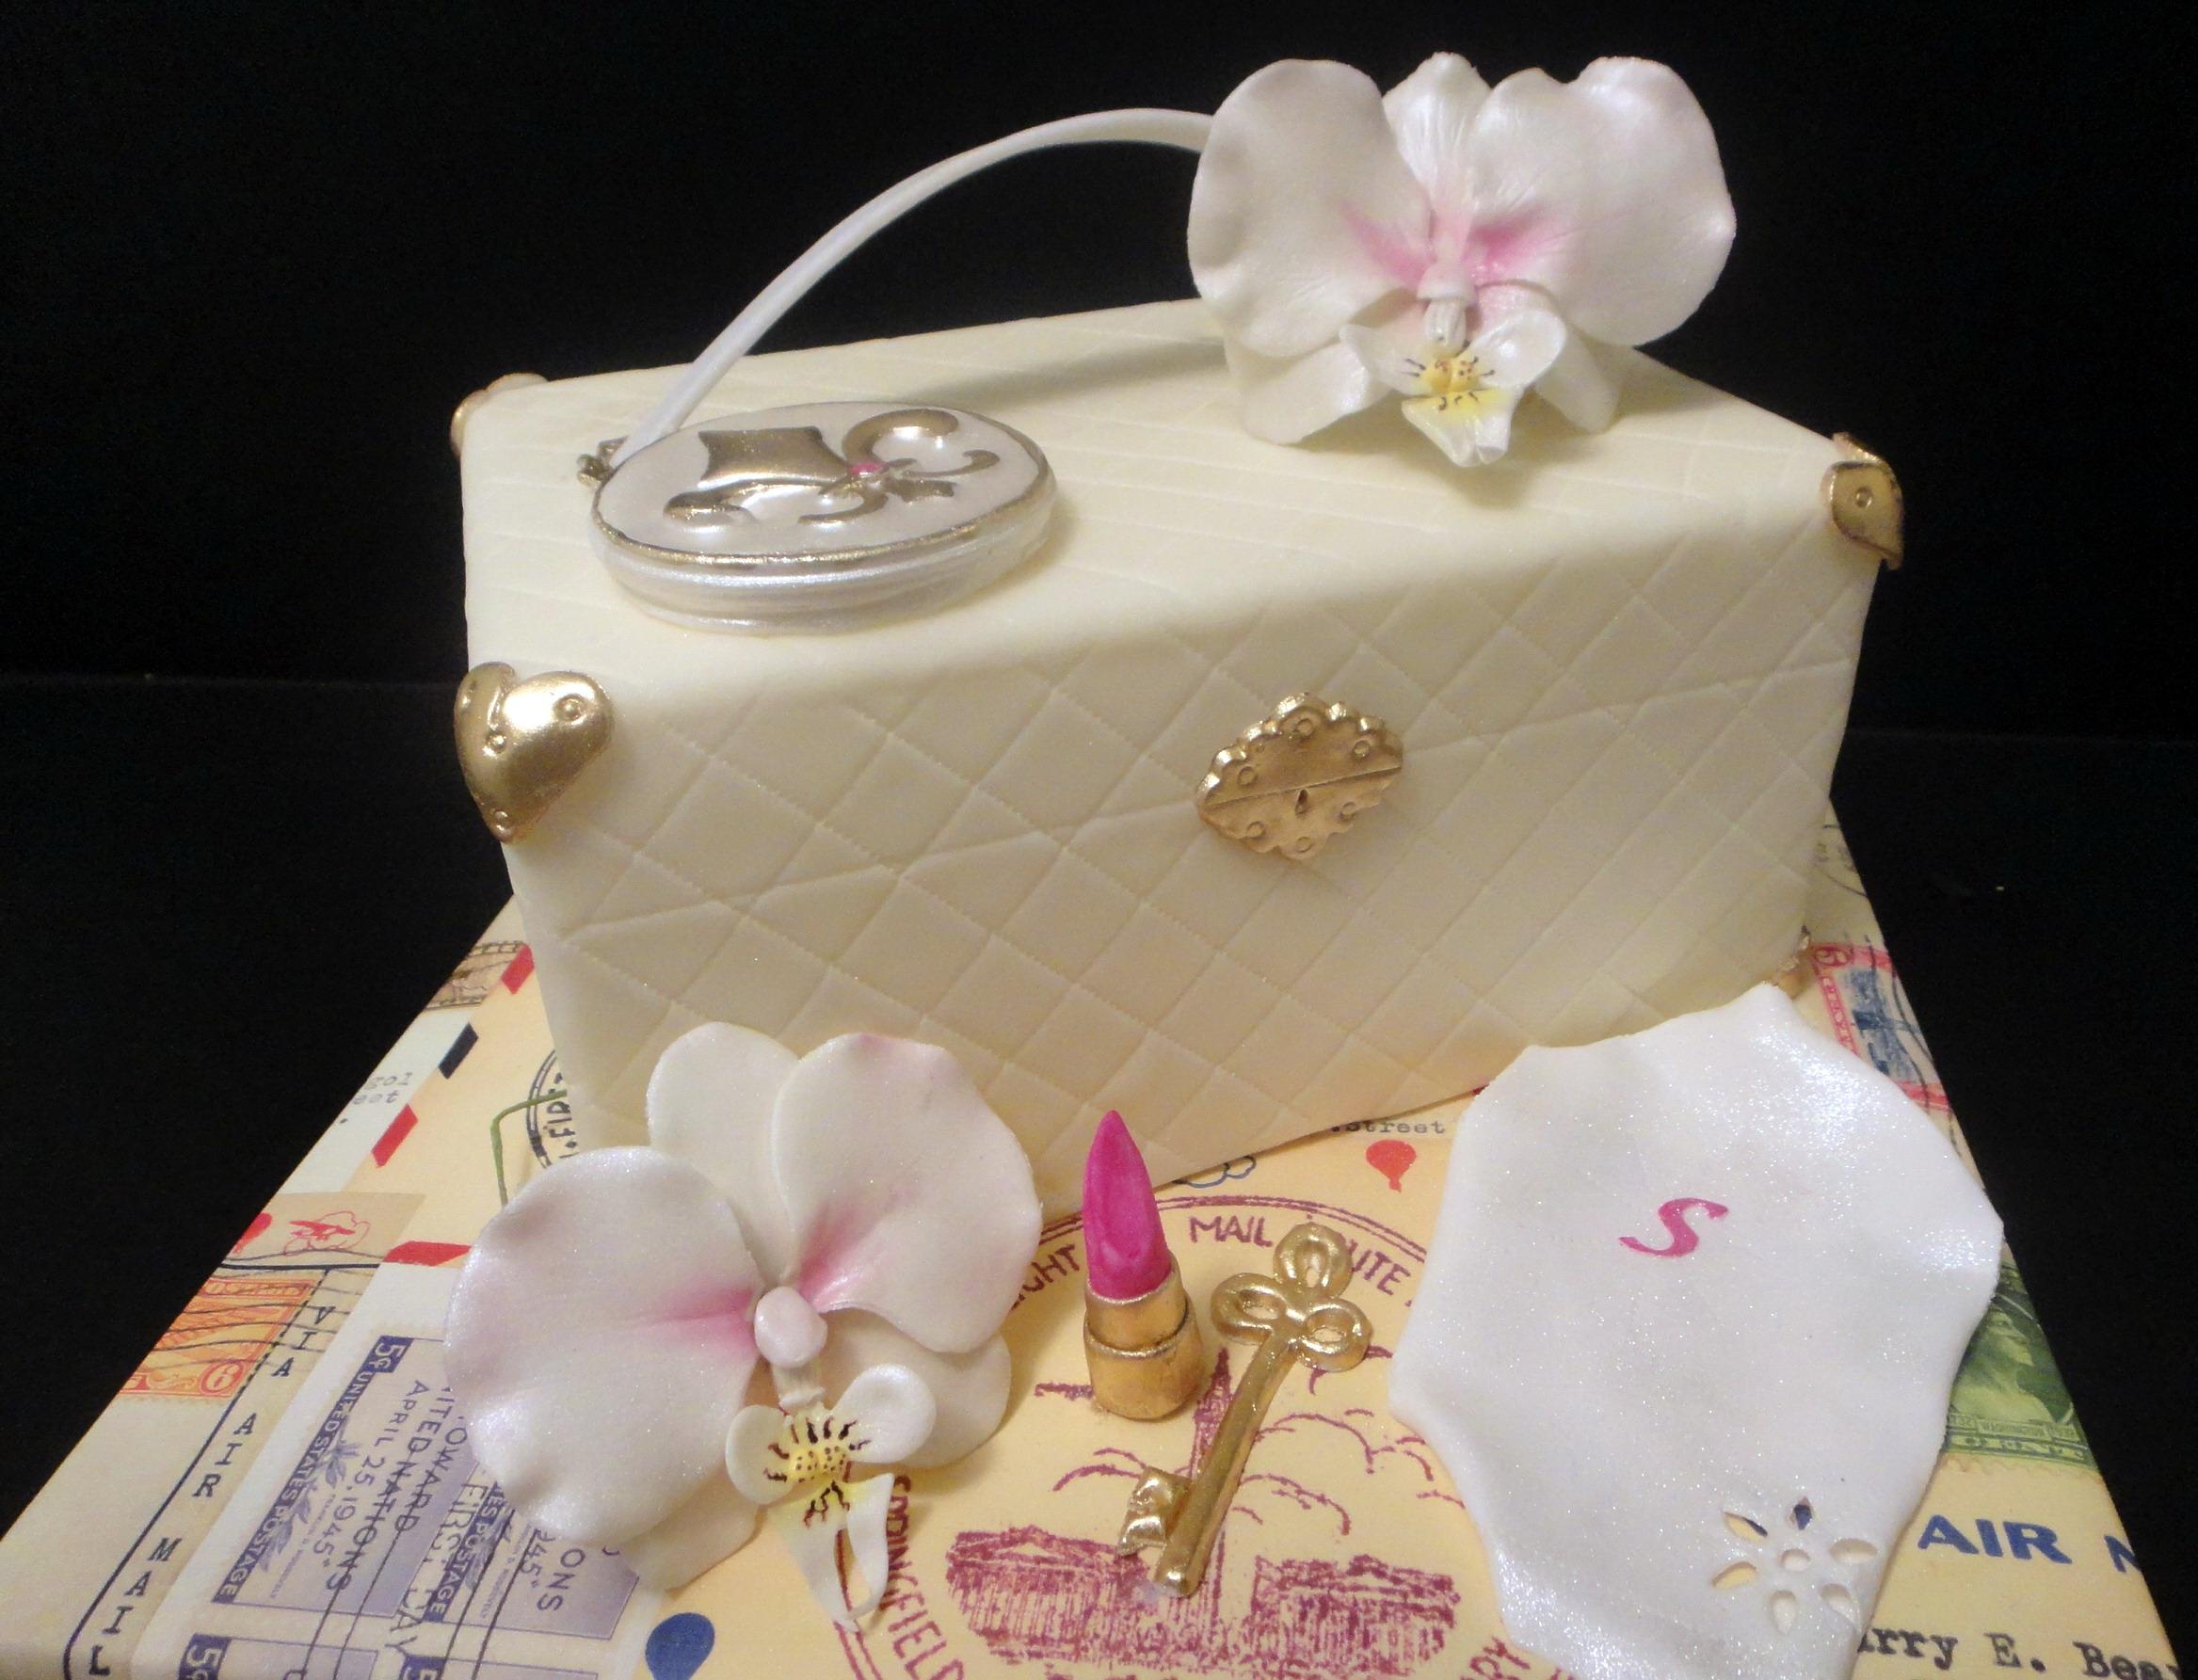 Makeup Kit Cake Images : How To Make Makeup Kit Cake - Makeup Vidalondon